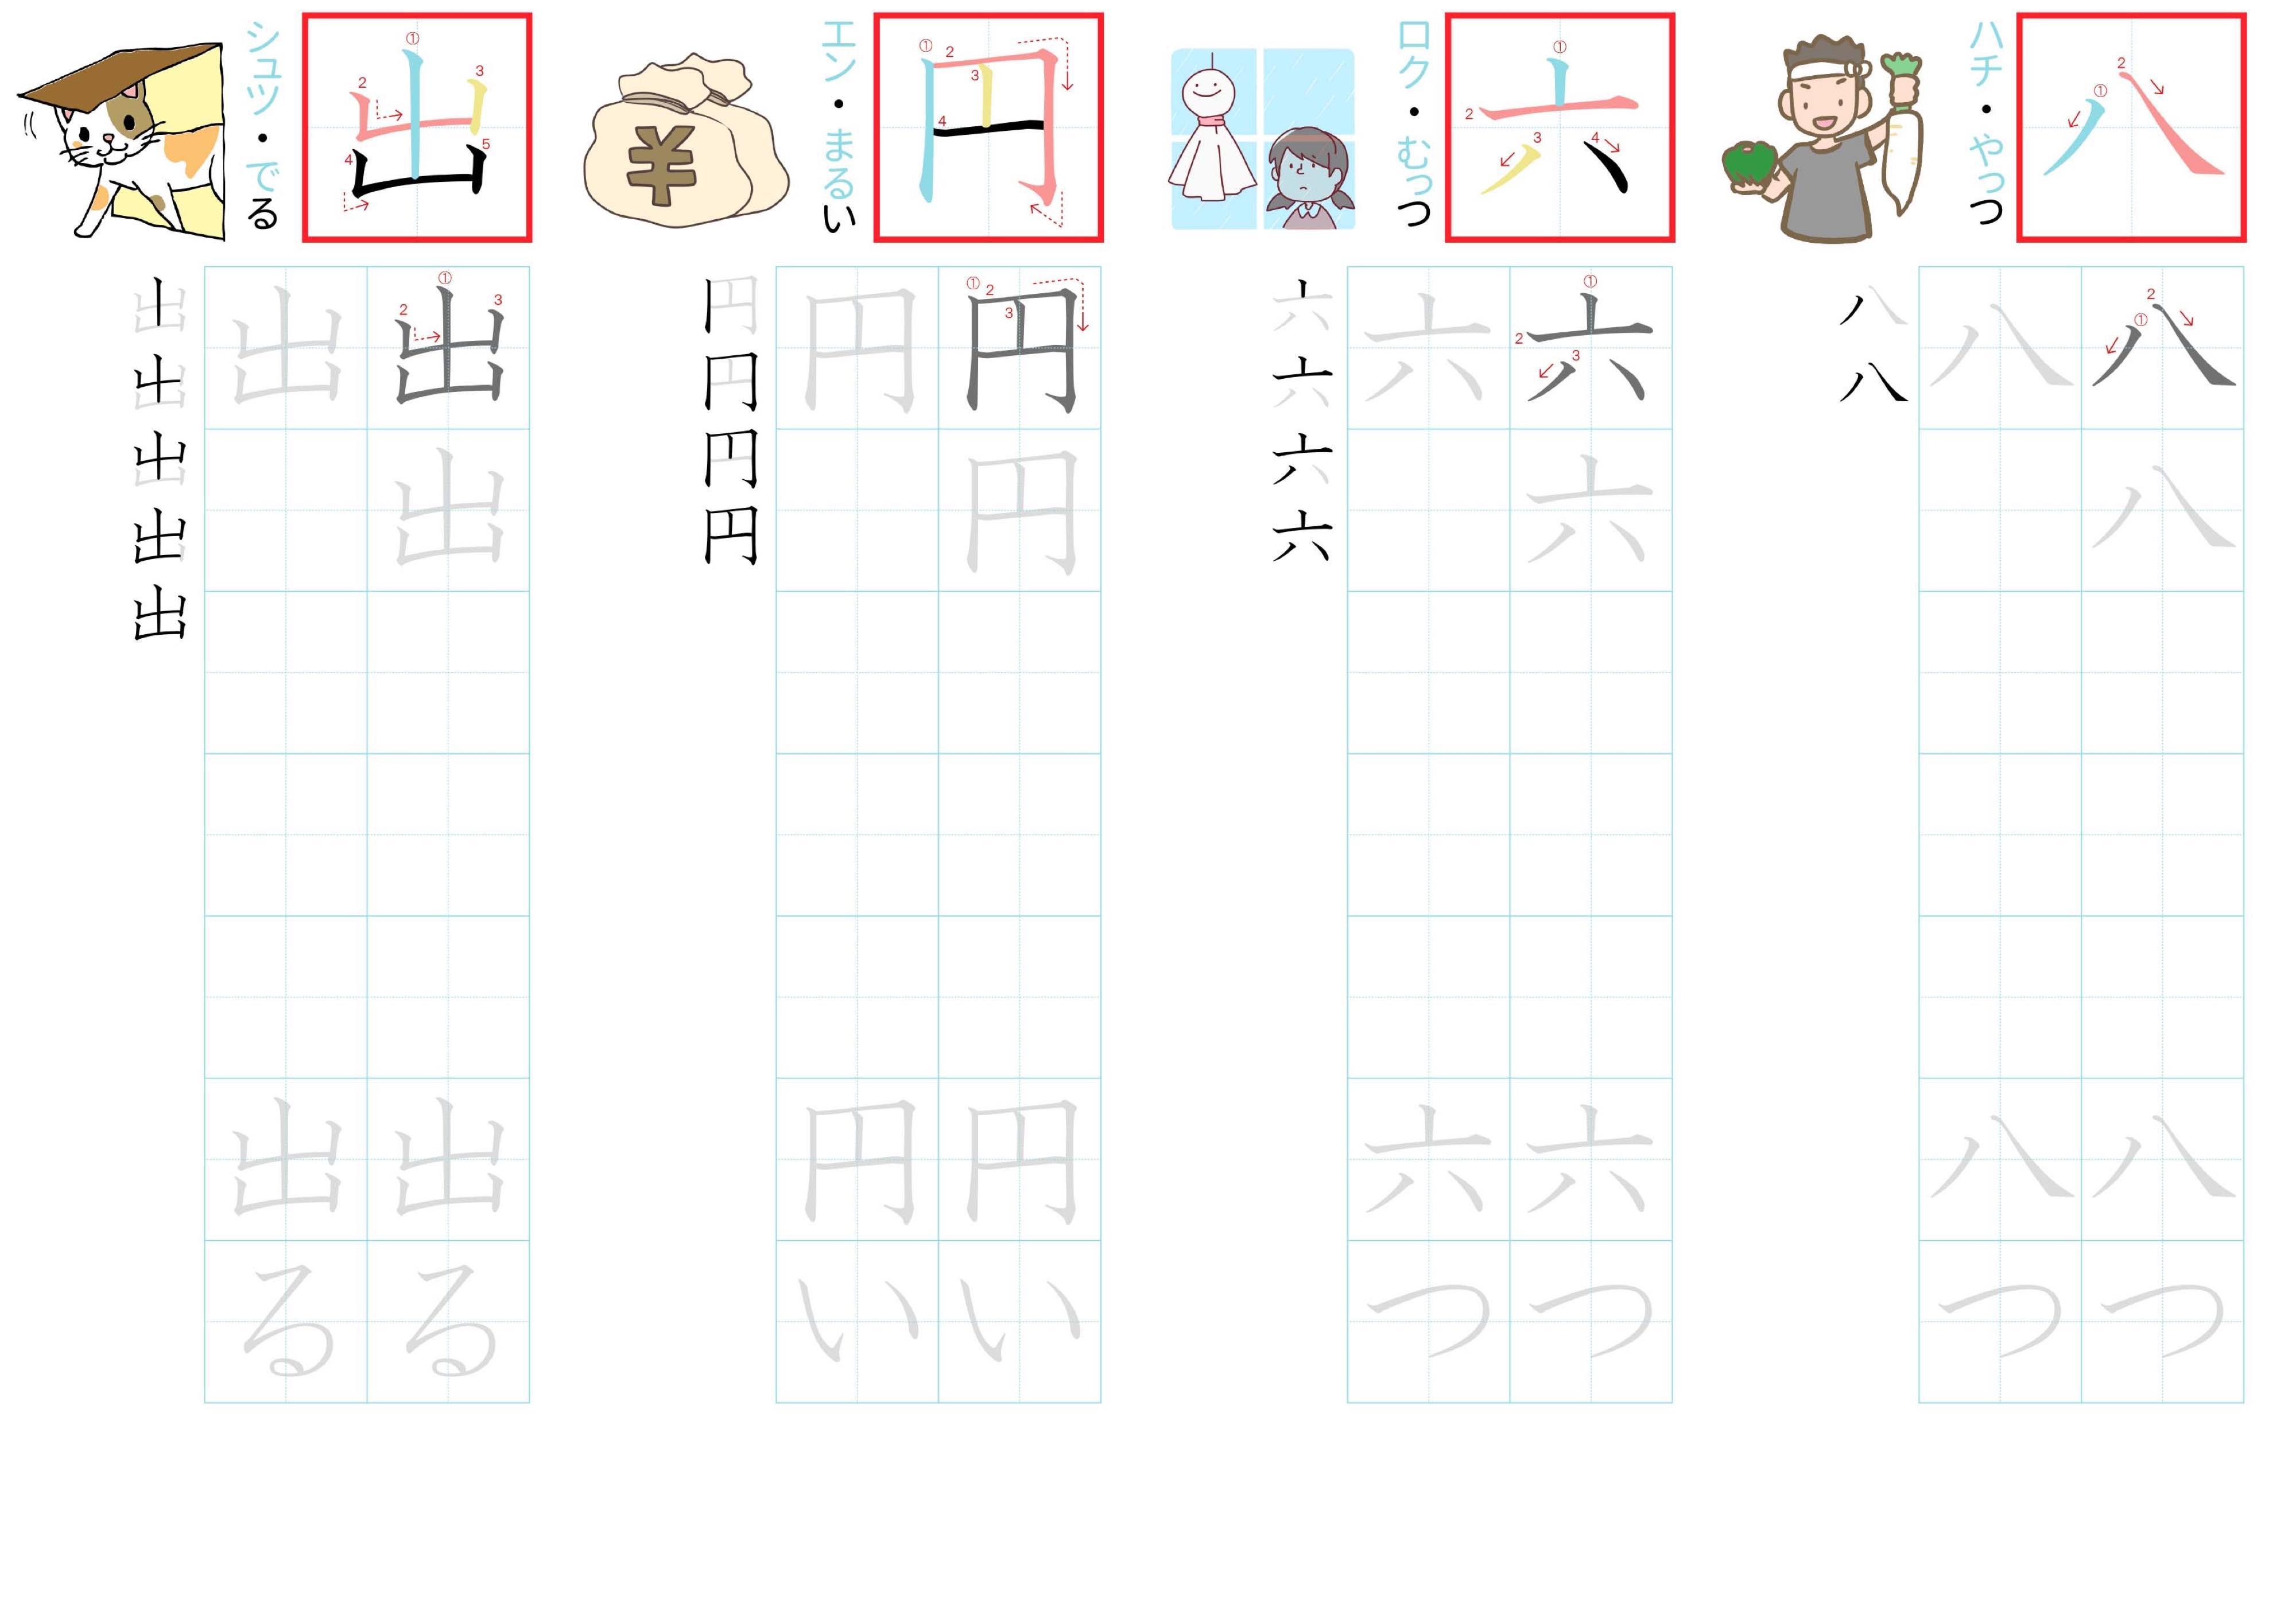 kanji-practice-card-n5-japanese-005